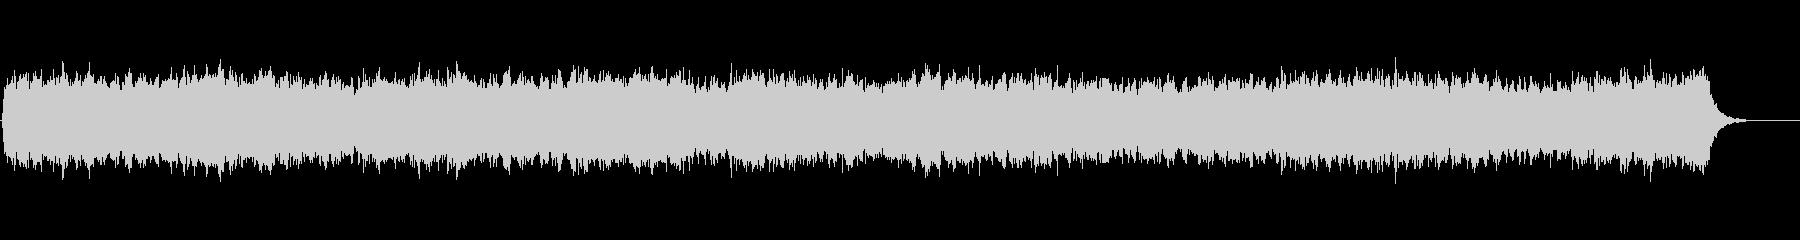 ビバルディ四季のような三声の弦楽曲の未再生の波形